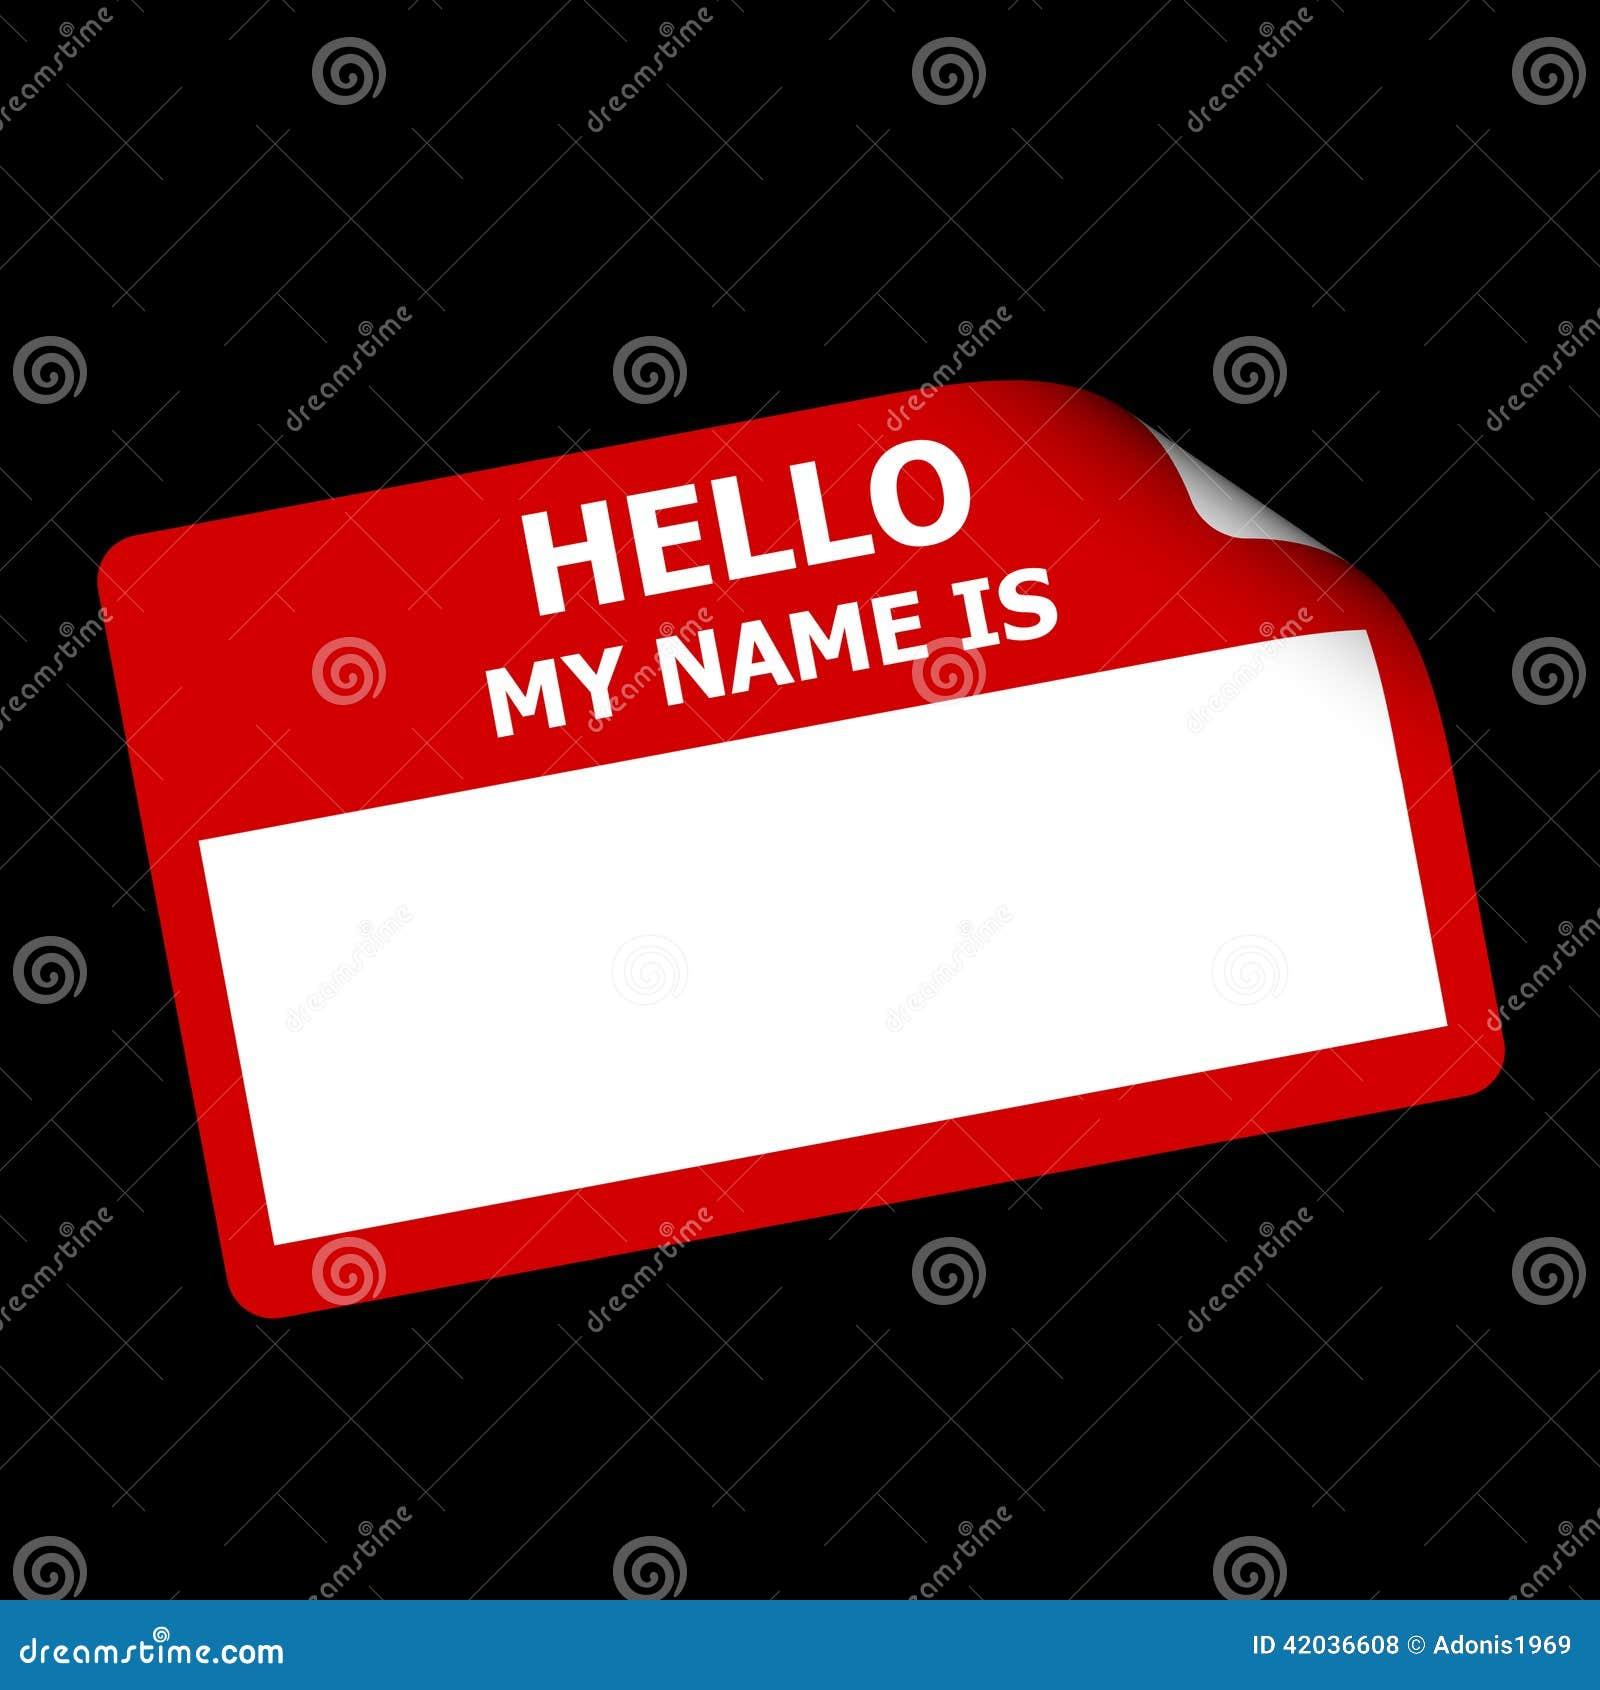 红色你好我的名字是贴纸